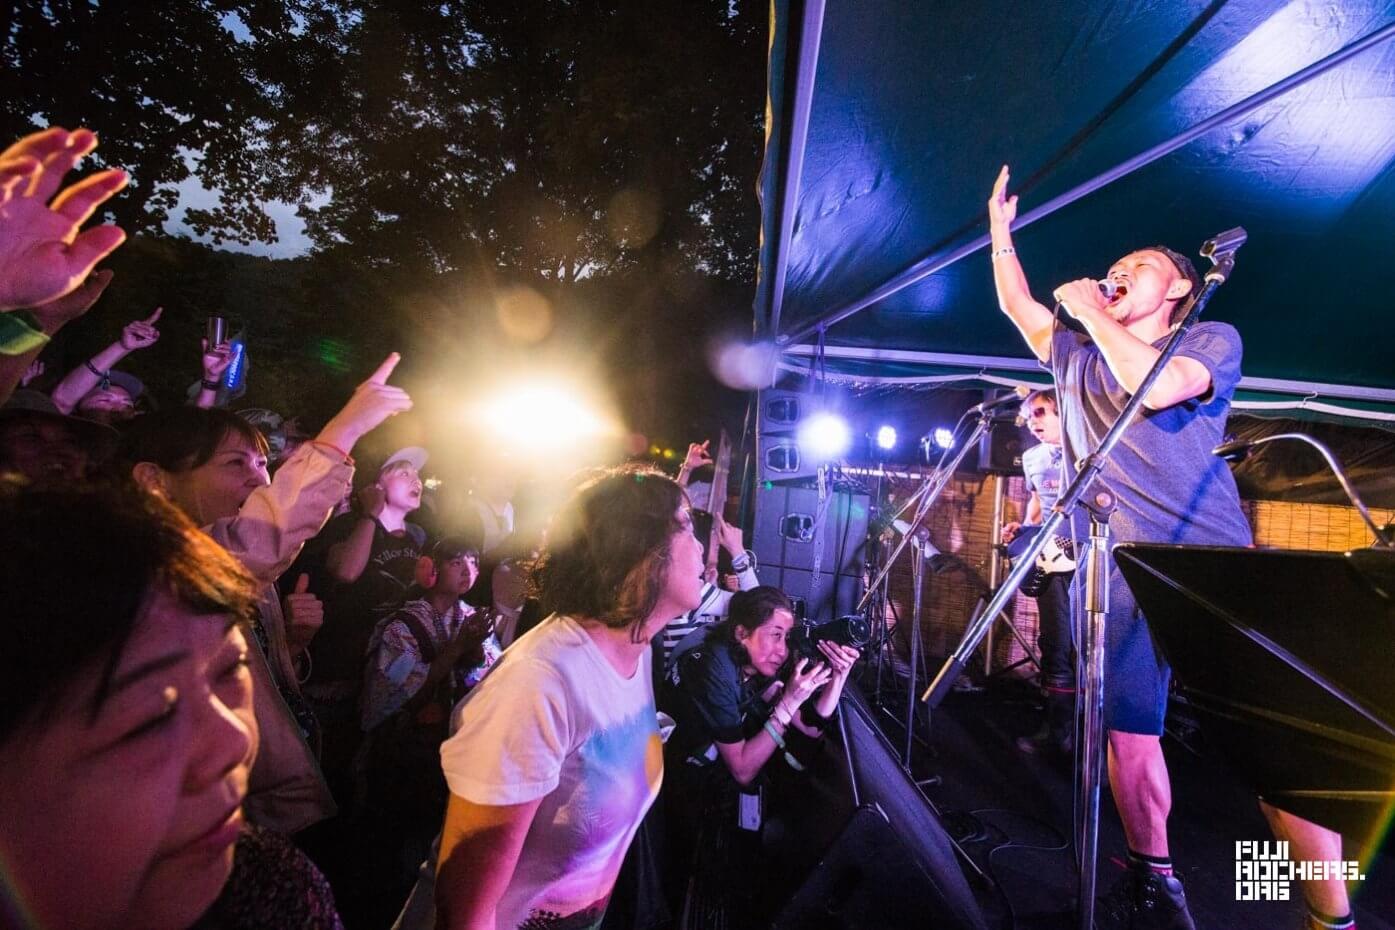 苗場音楽突撃隊 池畑潤二/井上富雄/花田裕之||Fuji Rock Festival '18| Photo by MASAHIRO SAITO